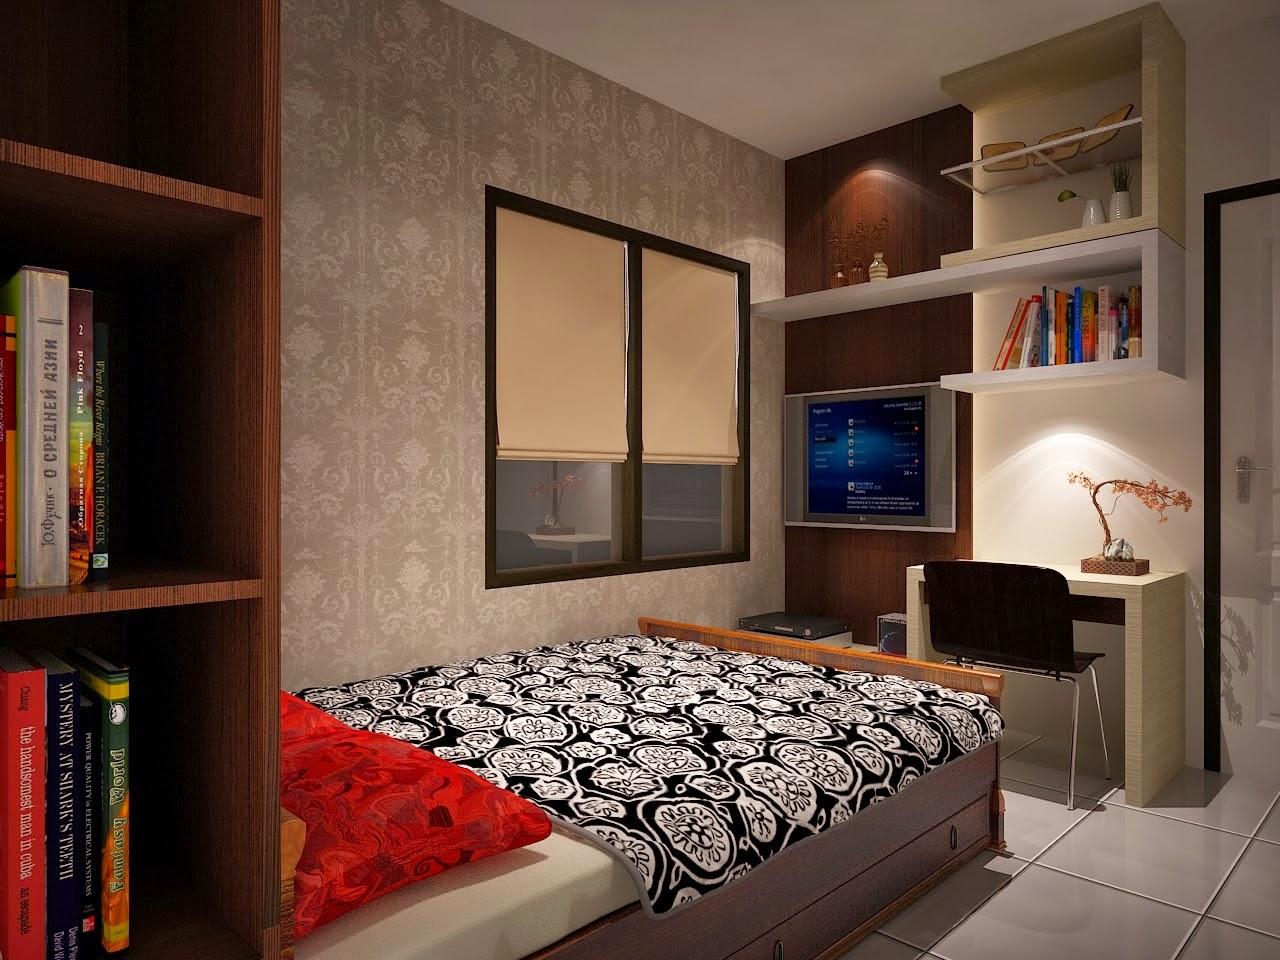 Design Interior Untuk Apartemen Type Studio | Sobat ...